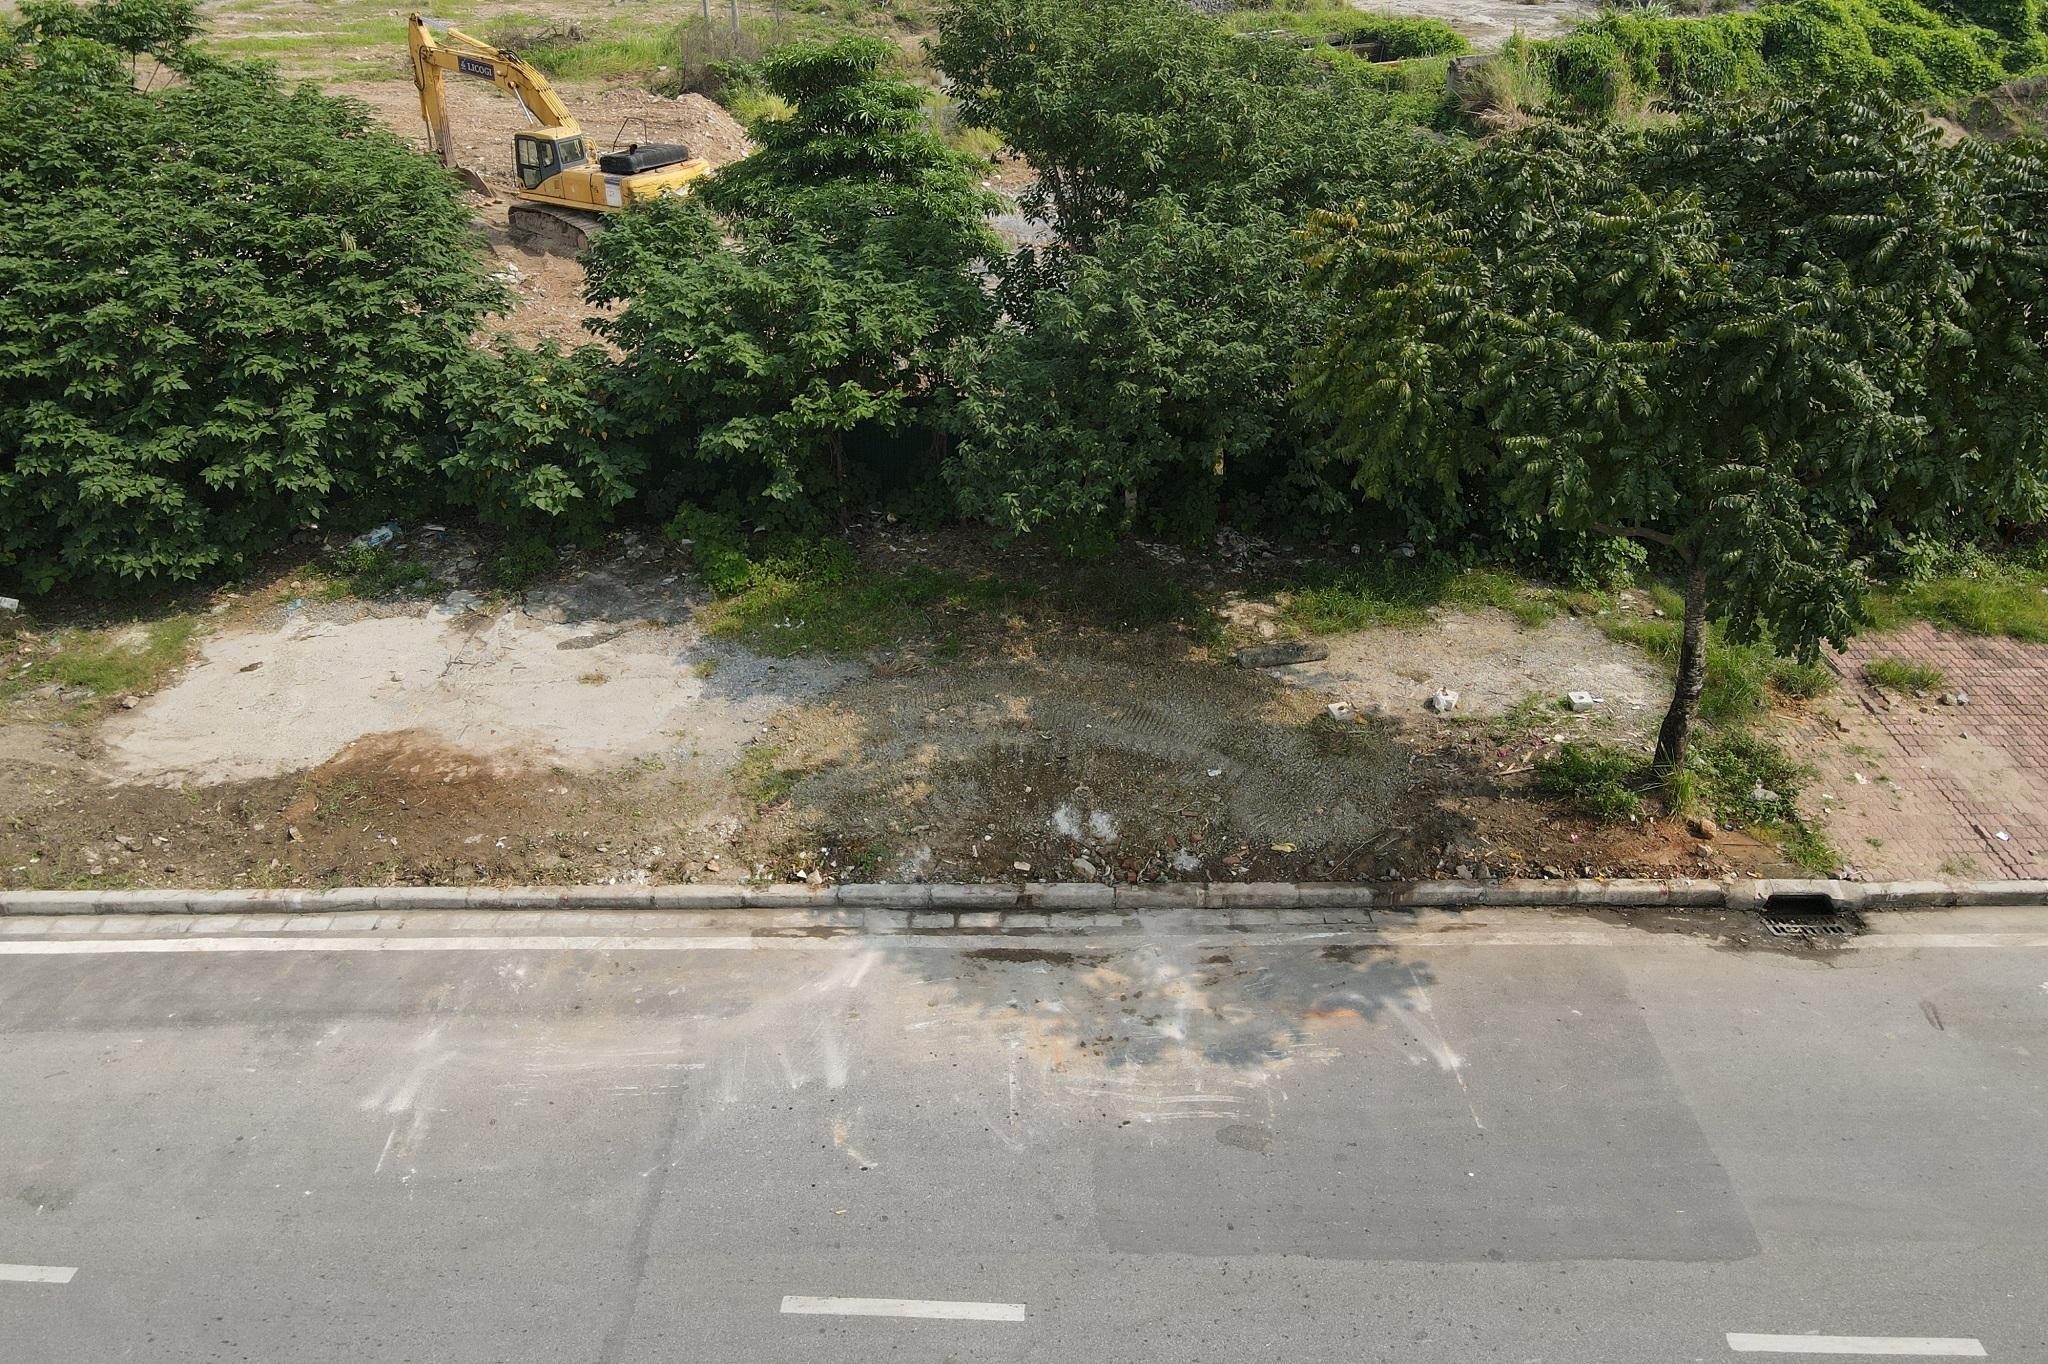 Dọn gần 200 tấn rác thải dọc đại lộ Thăng Long sau phản ánh của báo Dân trí - 16